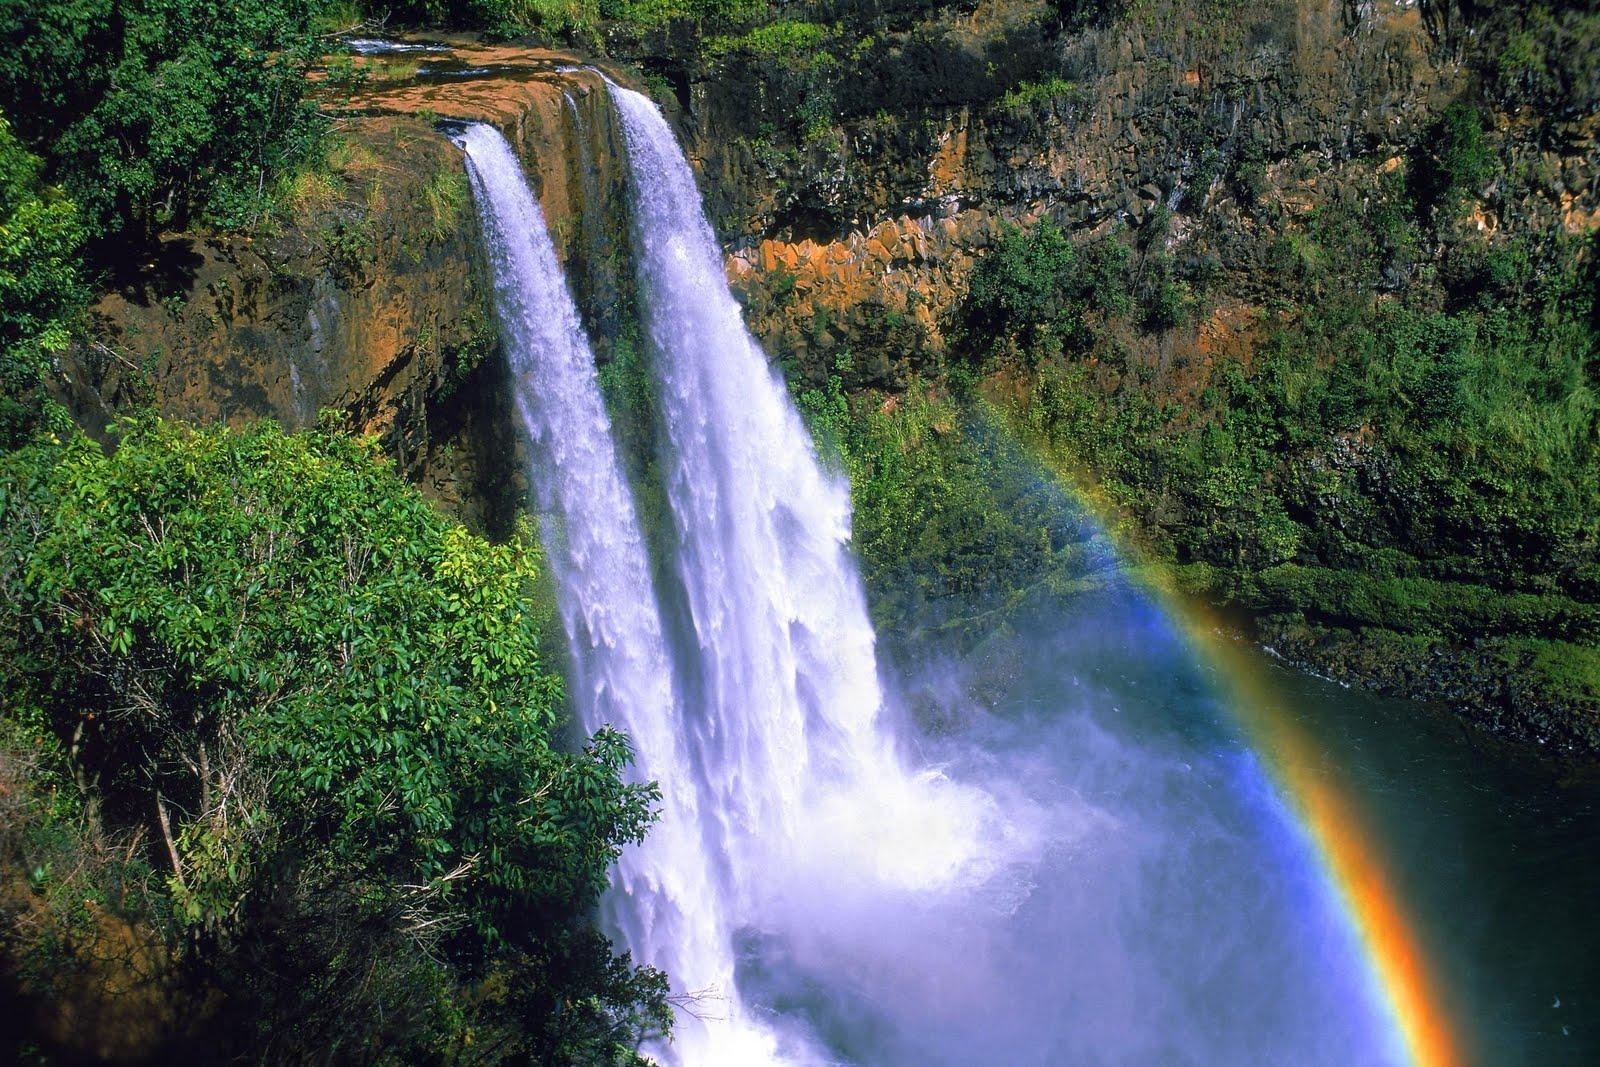 http://3.bp.blogspot.com/-34yojs8I3y0/Th5od2rxu6I/AAAAAAAAAMU/5BKpsdgxLb0/s1600/Wailua+Falls%252C+Kauai%252C+Hawaii.jpg